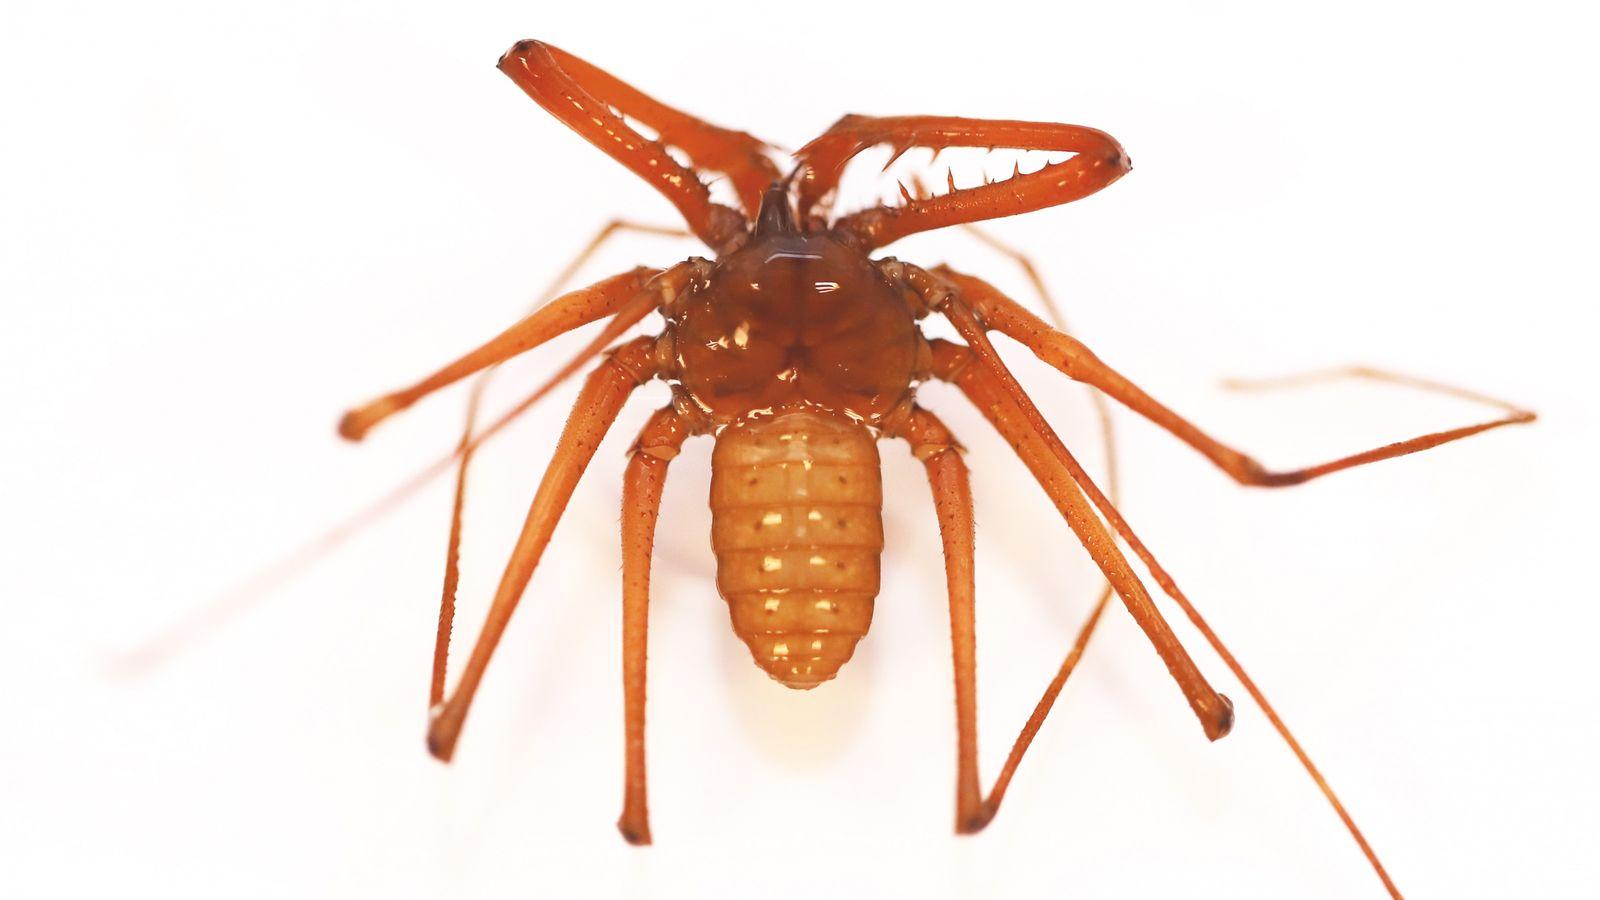 Sarax timorensis, uma nova espécie de aracnídeo descoberta pela bióloga Ana Sofia Reboleira.